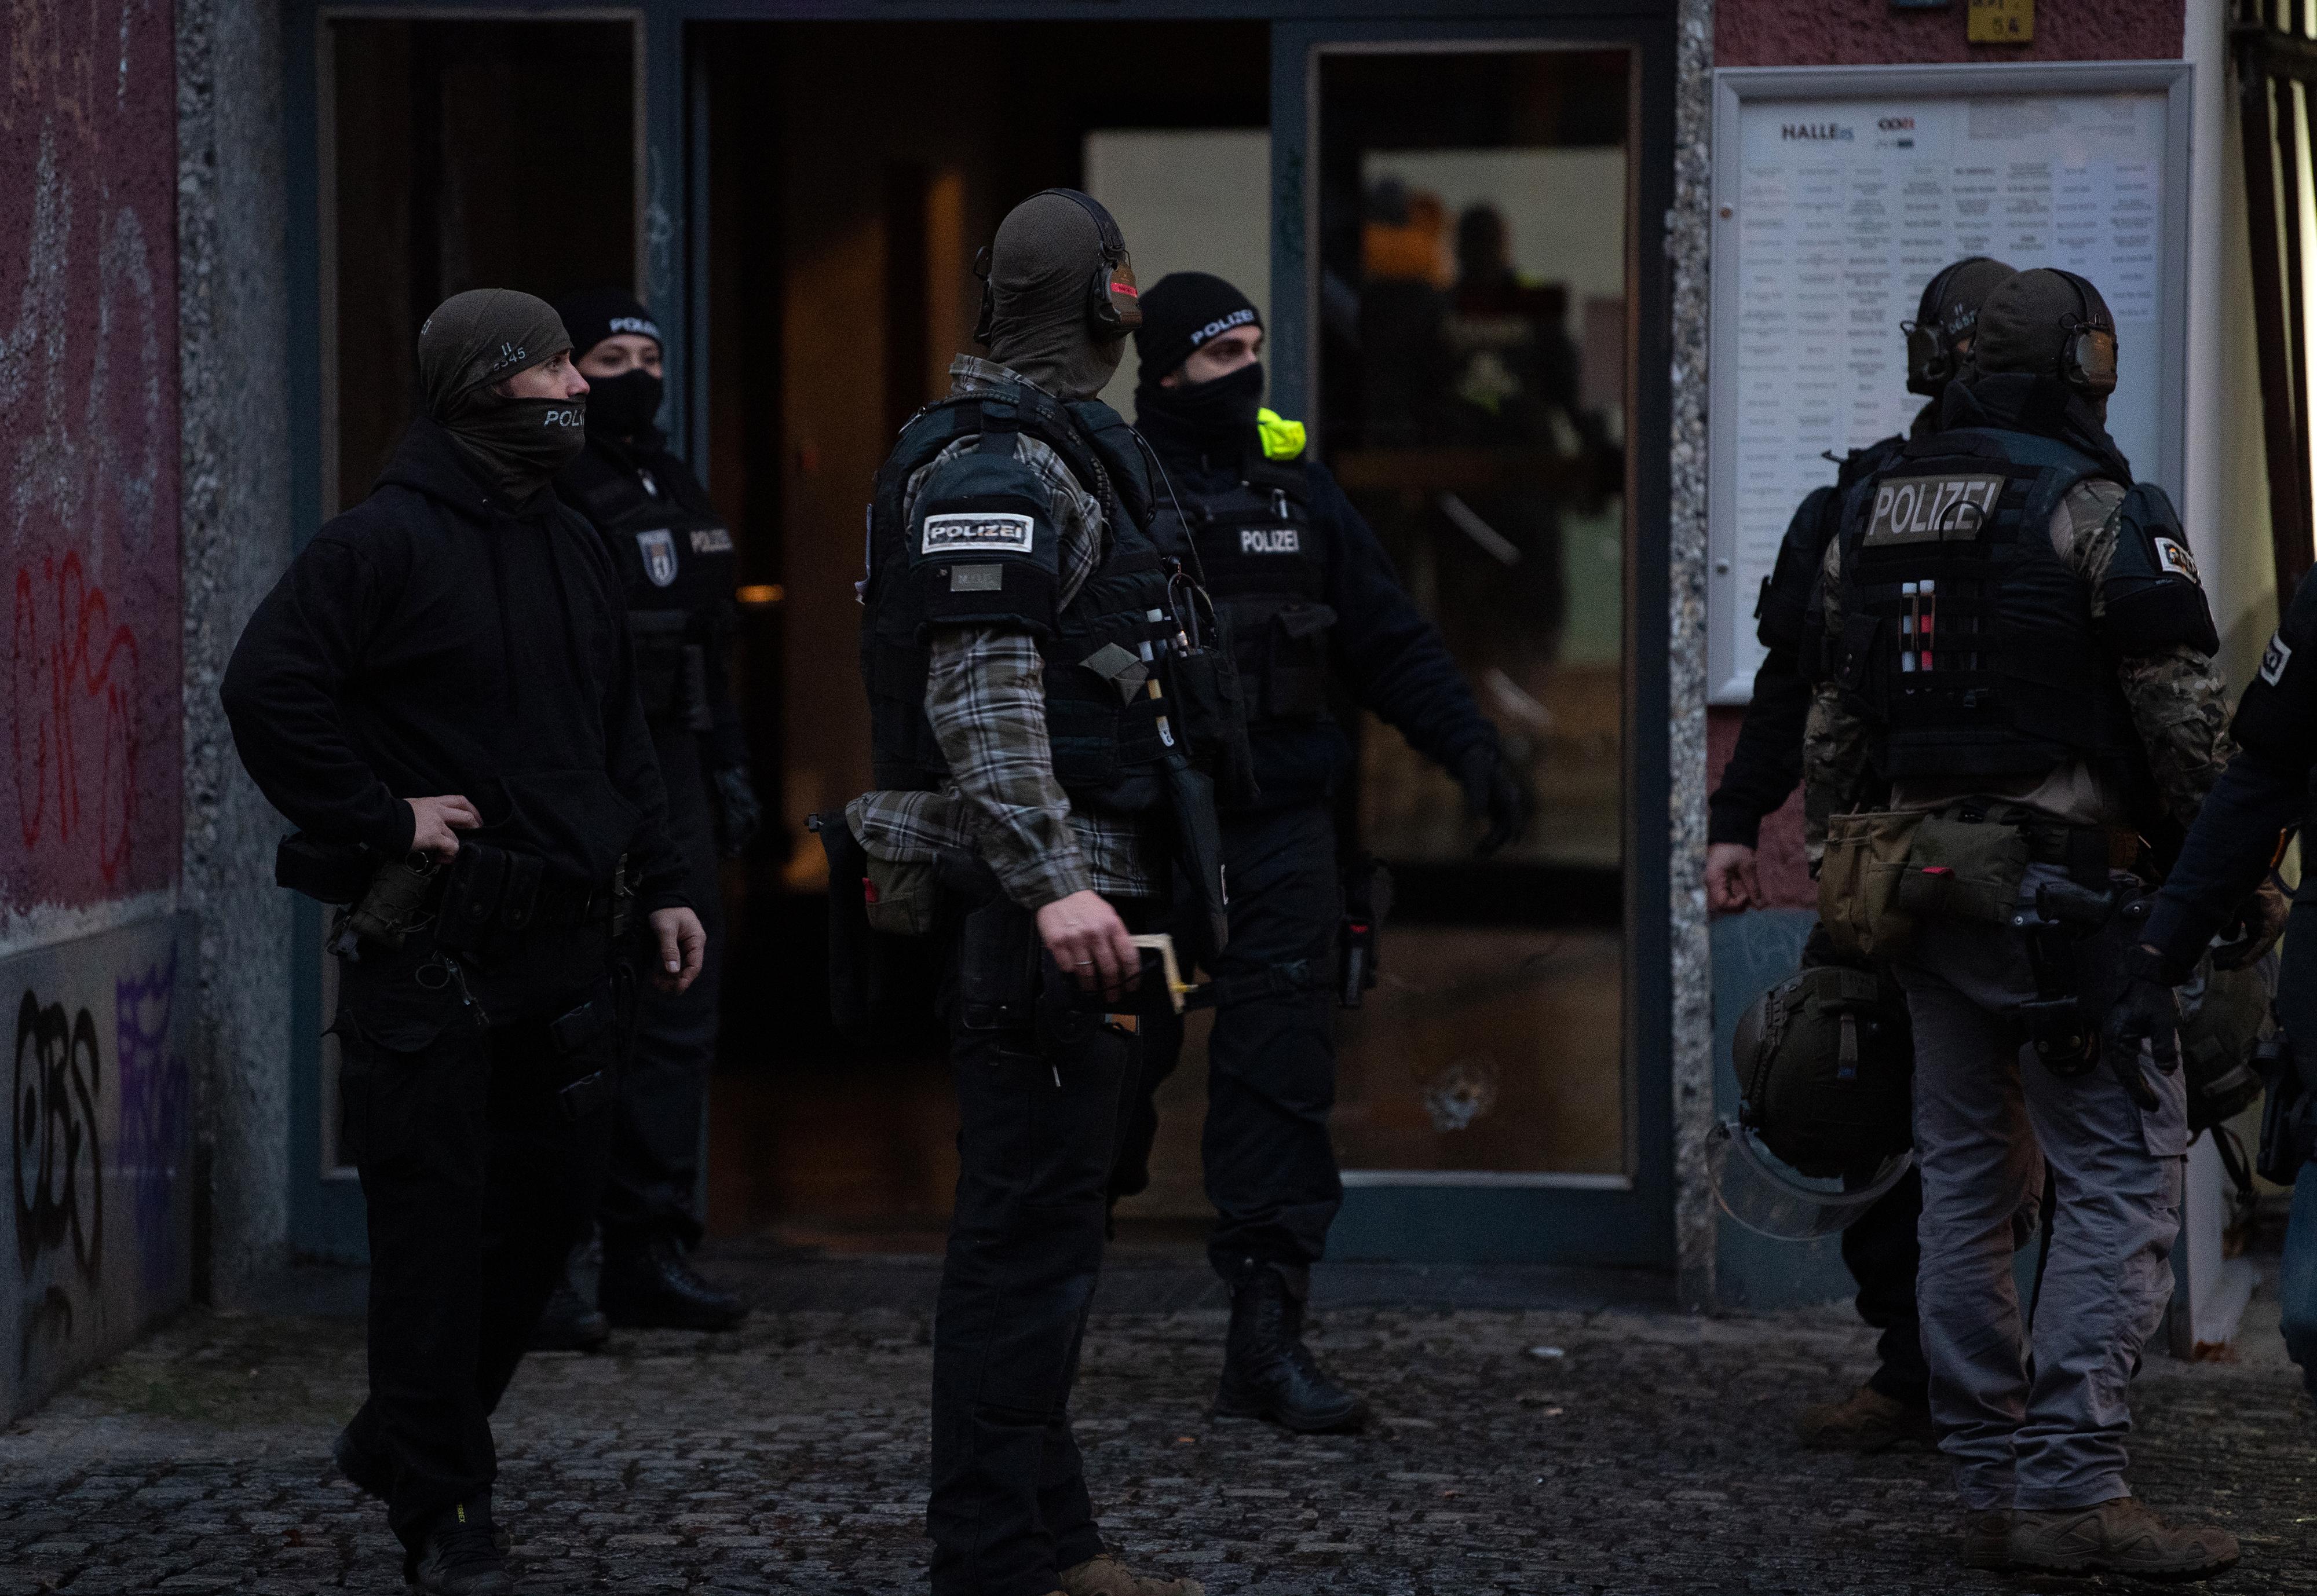 Alvilági leszámolás állhat a berlini lövöldözés hátterében